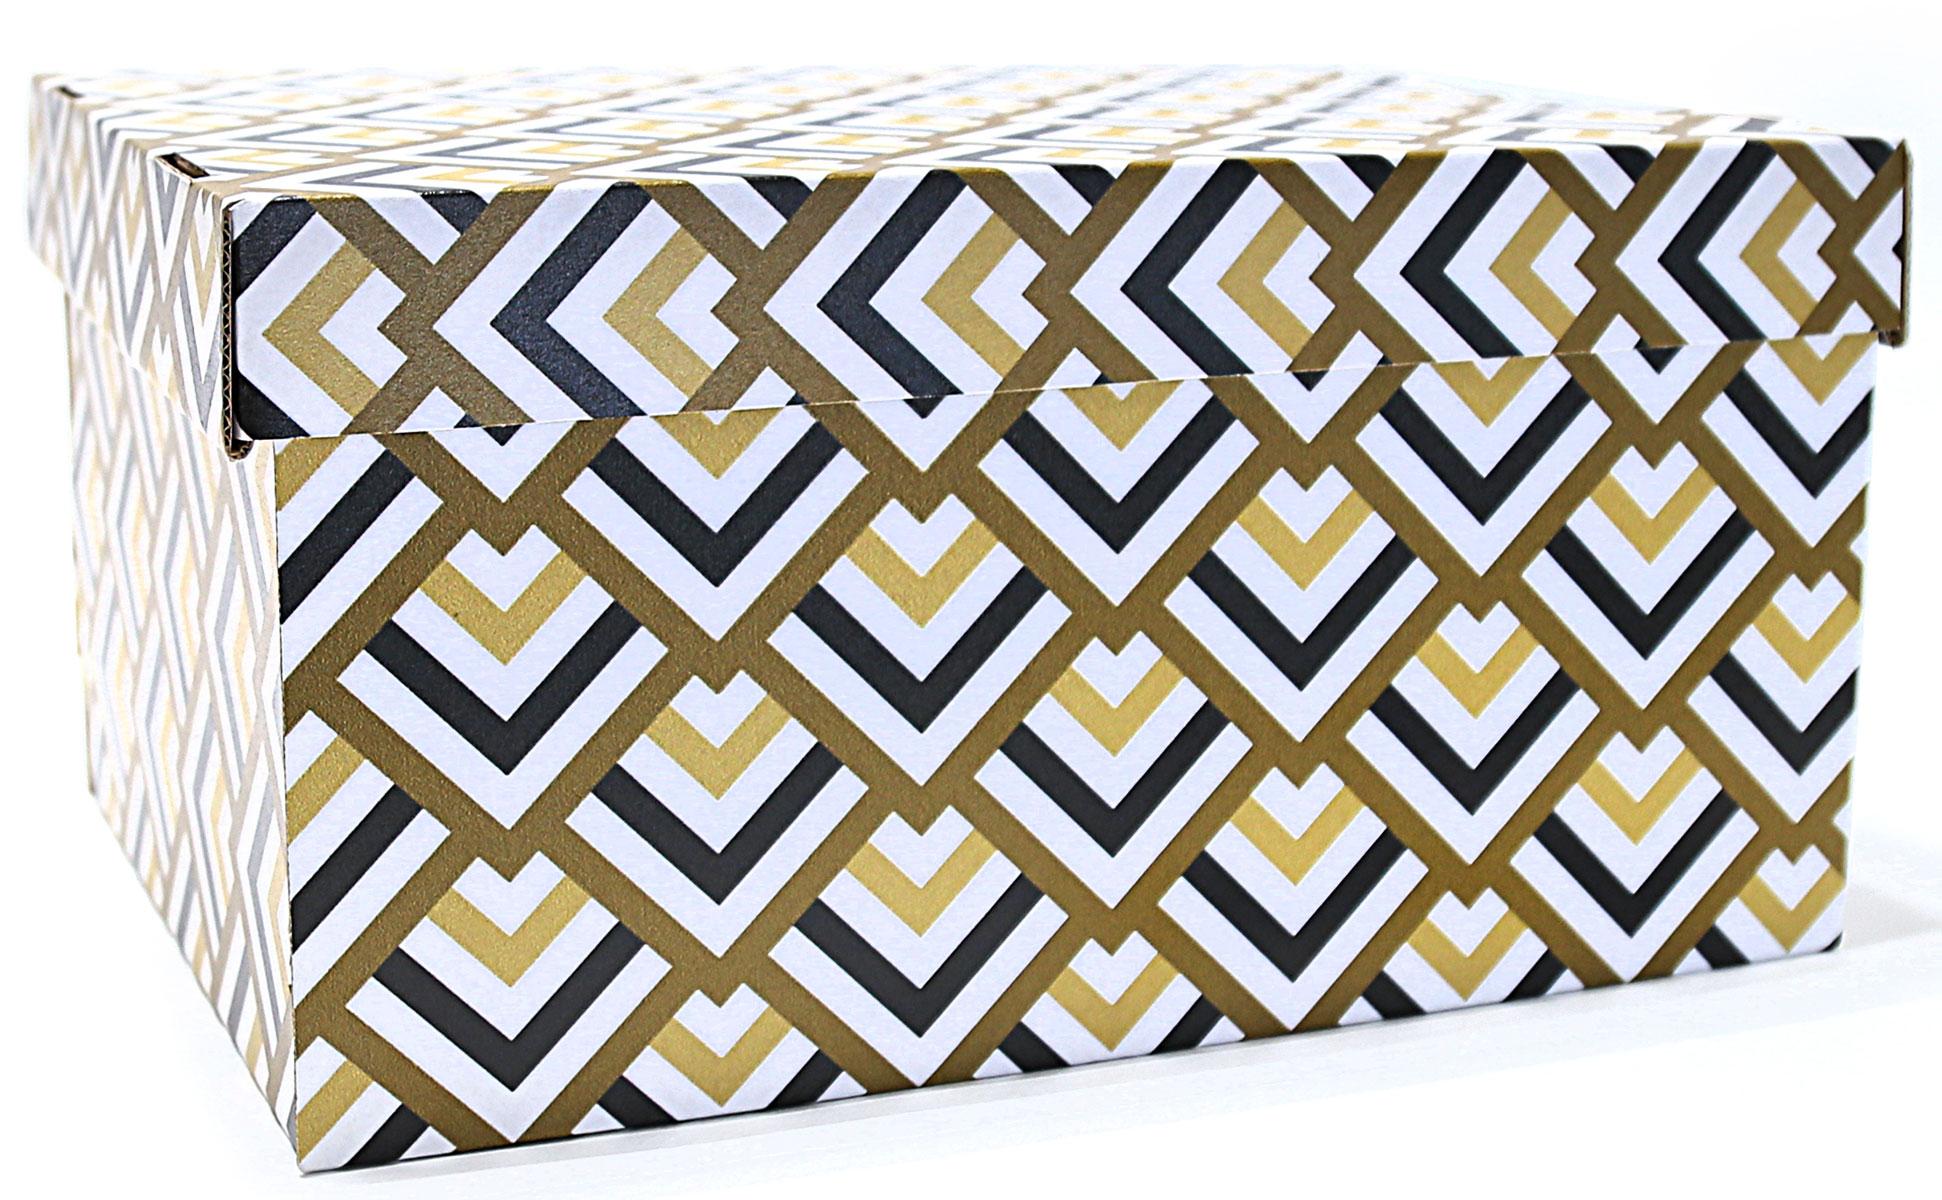 Коробка для хранения Ева Черное золото, 25 х 32 х 16 смЕ7501Коробка для хранения прекрасно подойдет для хранения бытовыхмелочей, документов, аксессуаров для рукоделия и других мелких предметов.Удобная крышка не даст ни одной вещи потеряться, а оптимальный размер подойдет для любого шкафа или полки. Компактная, но при этом вместительная коробка для хранения станет яркой нотойв вашем интерьере.Коробка выполнена из плотного гофрокартона очень удобна для хранения обуви,детских игрушек, важных и полезных мелочей.